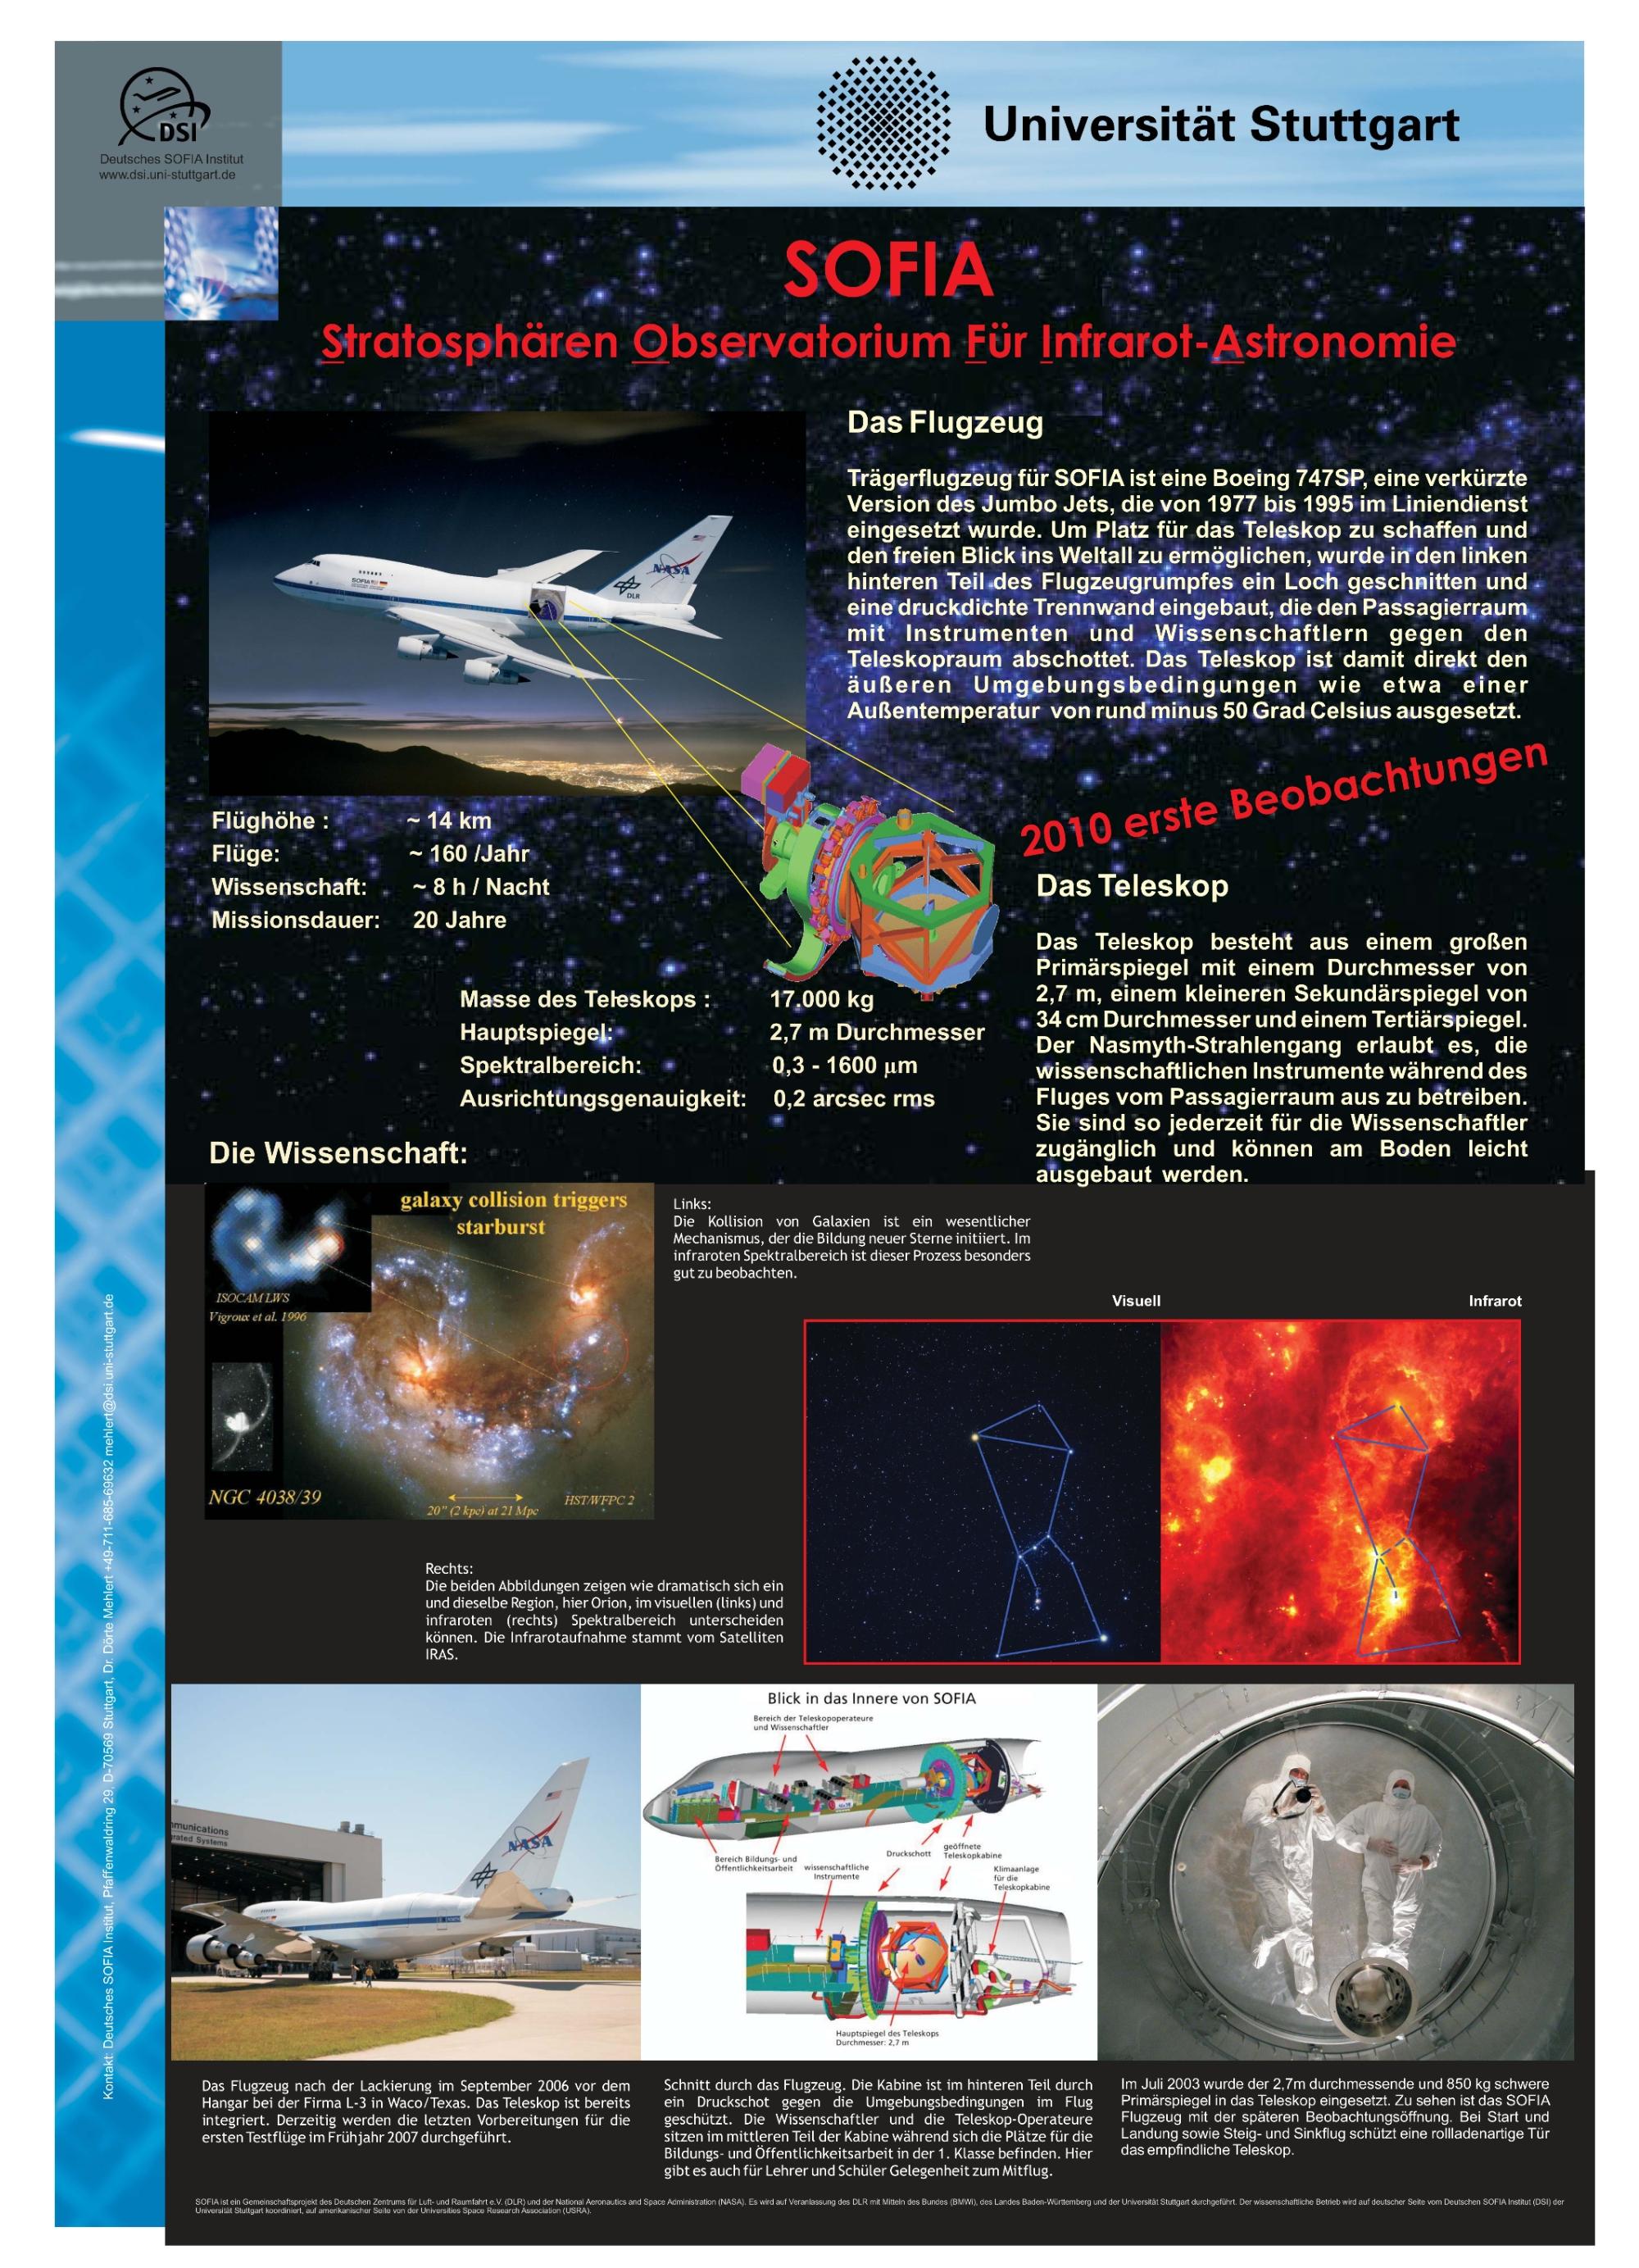 https://opencms.uni-stuttgart.de/project/dsi/img/infomaterial/plakate/SOFIA_2012_page-0001.jpg